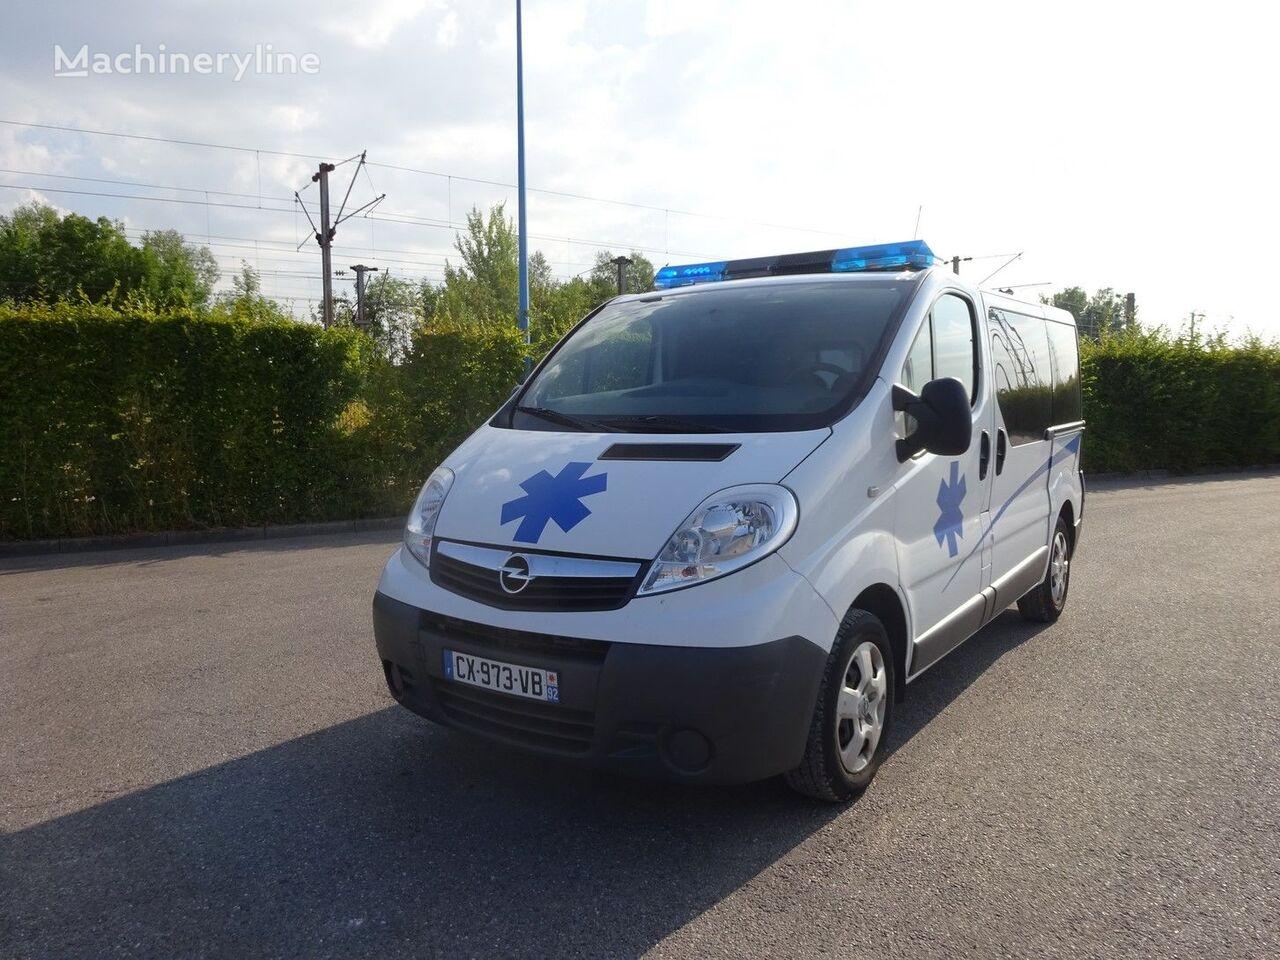 OPEL VIVARO L1H1 115 CV 2013 Rettungswagen